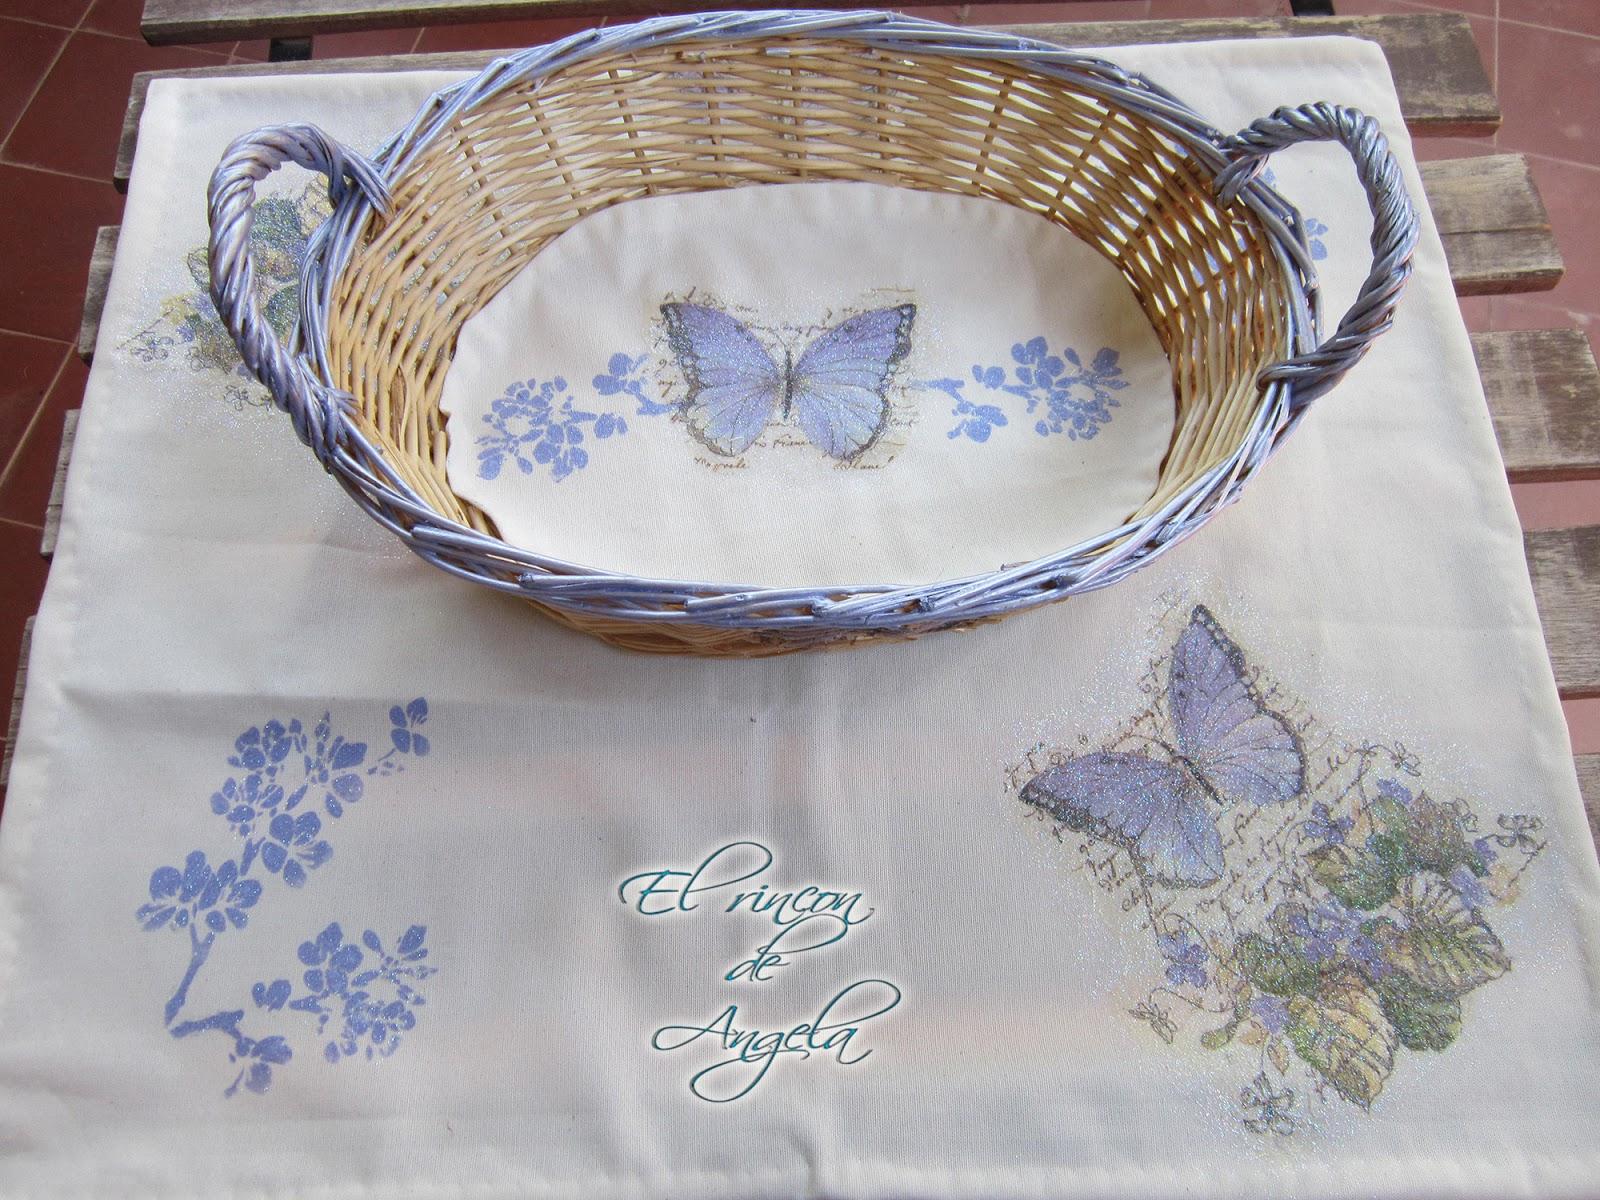 El rincon de angela como hacer decoupage y pintura sobre - El rincon azul de angela ...